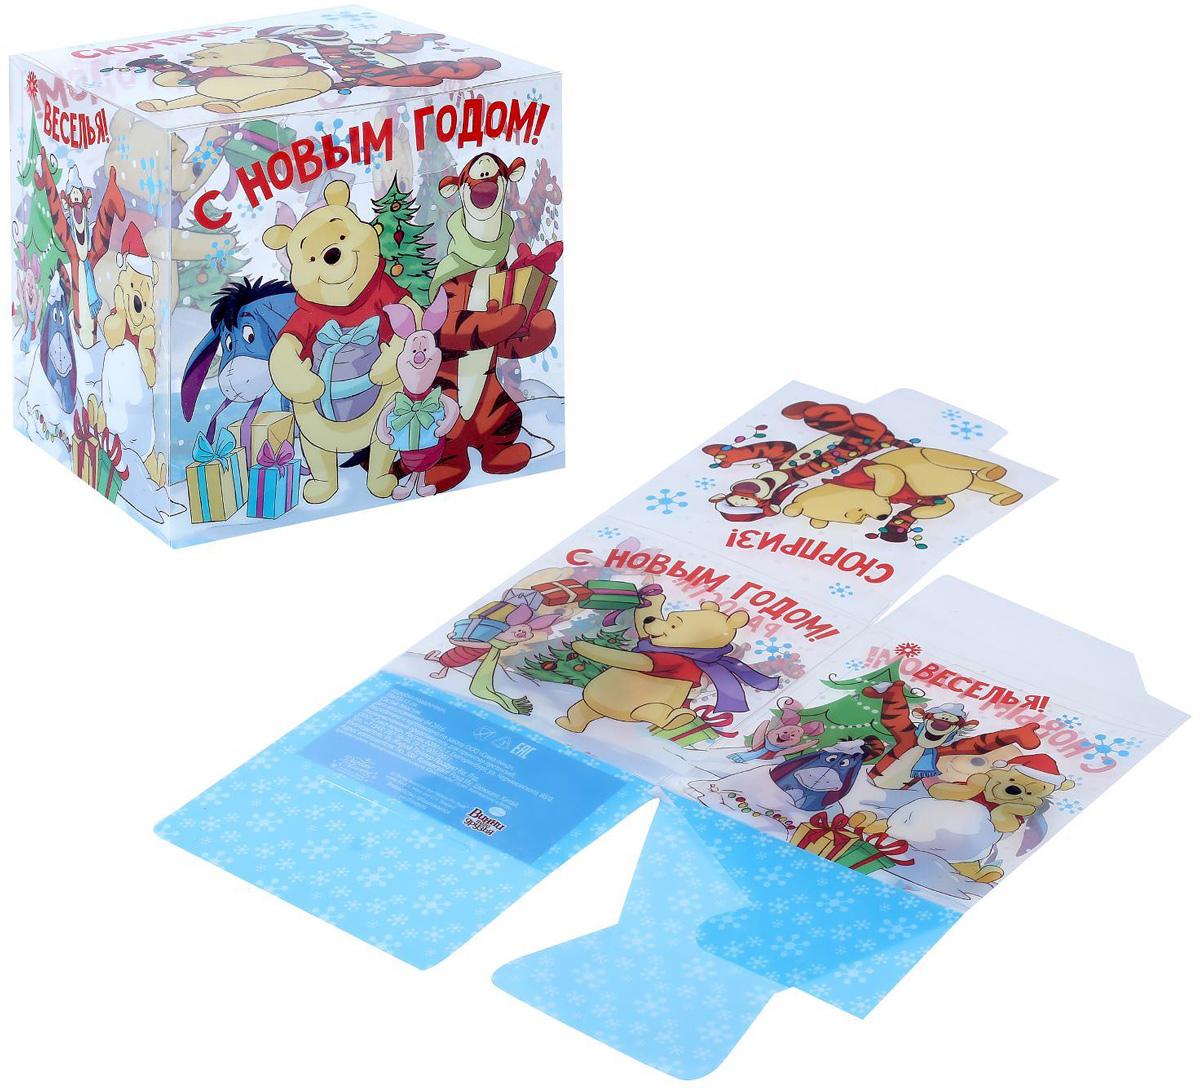 Коробка складная Disney Радости! Медвежонок Винни и его друзья, 15 х 15 х 15 см1426874Любой подарок начинается с упаковки. Что может быть трогательнее и волшебнее, чем ритуал разворачивания полученного презента. И именно оригинальная, со вкусом выбранная упаковка выделит ваш подарок из массы других. Она продемонстрирует самые теплые чувства к виновнику торжества и создаст сказочную атмосферу праздника.